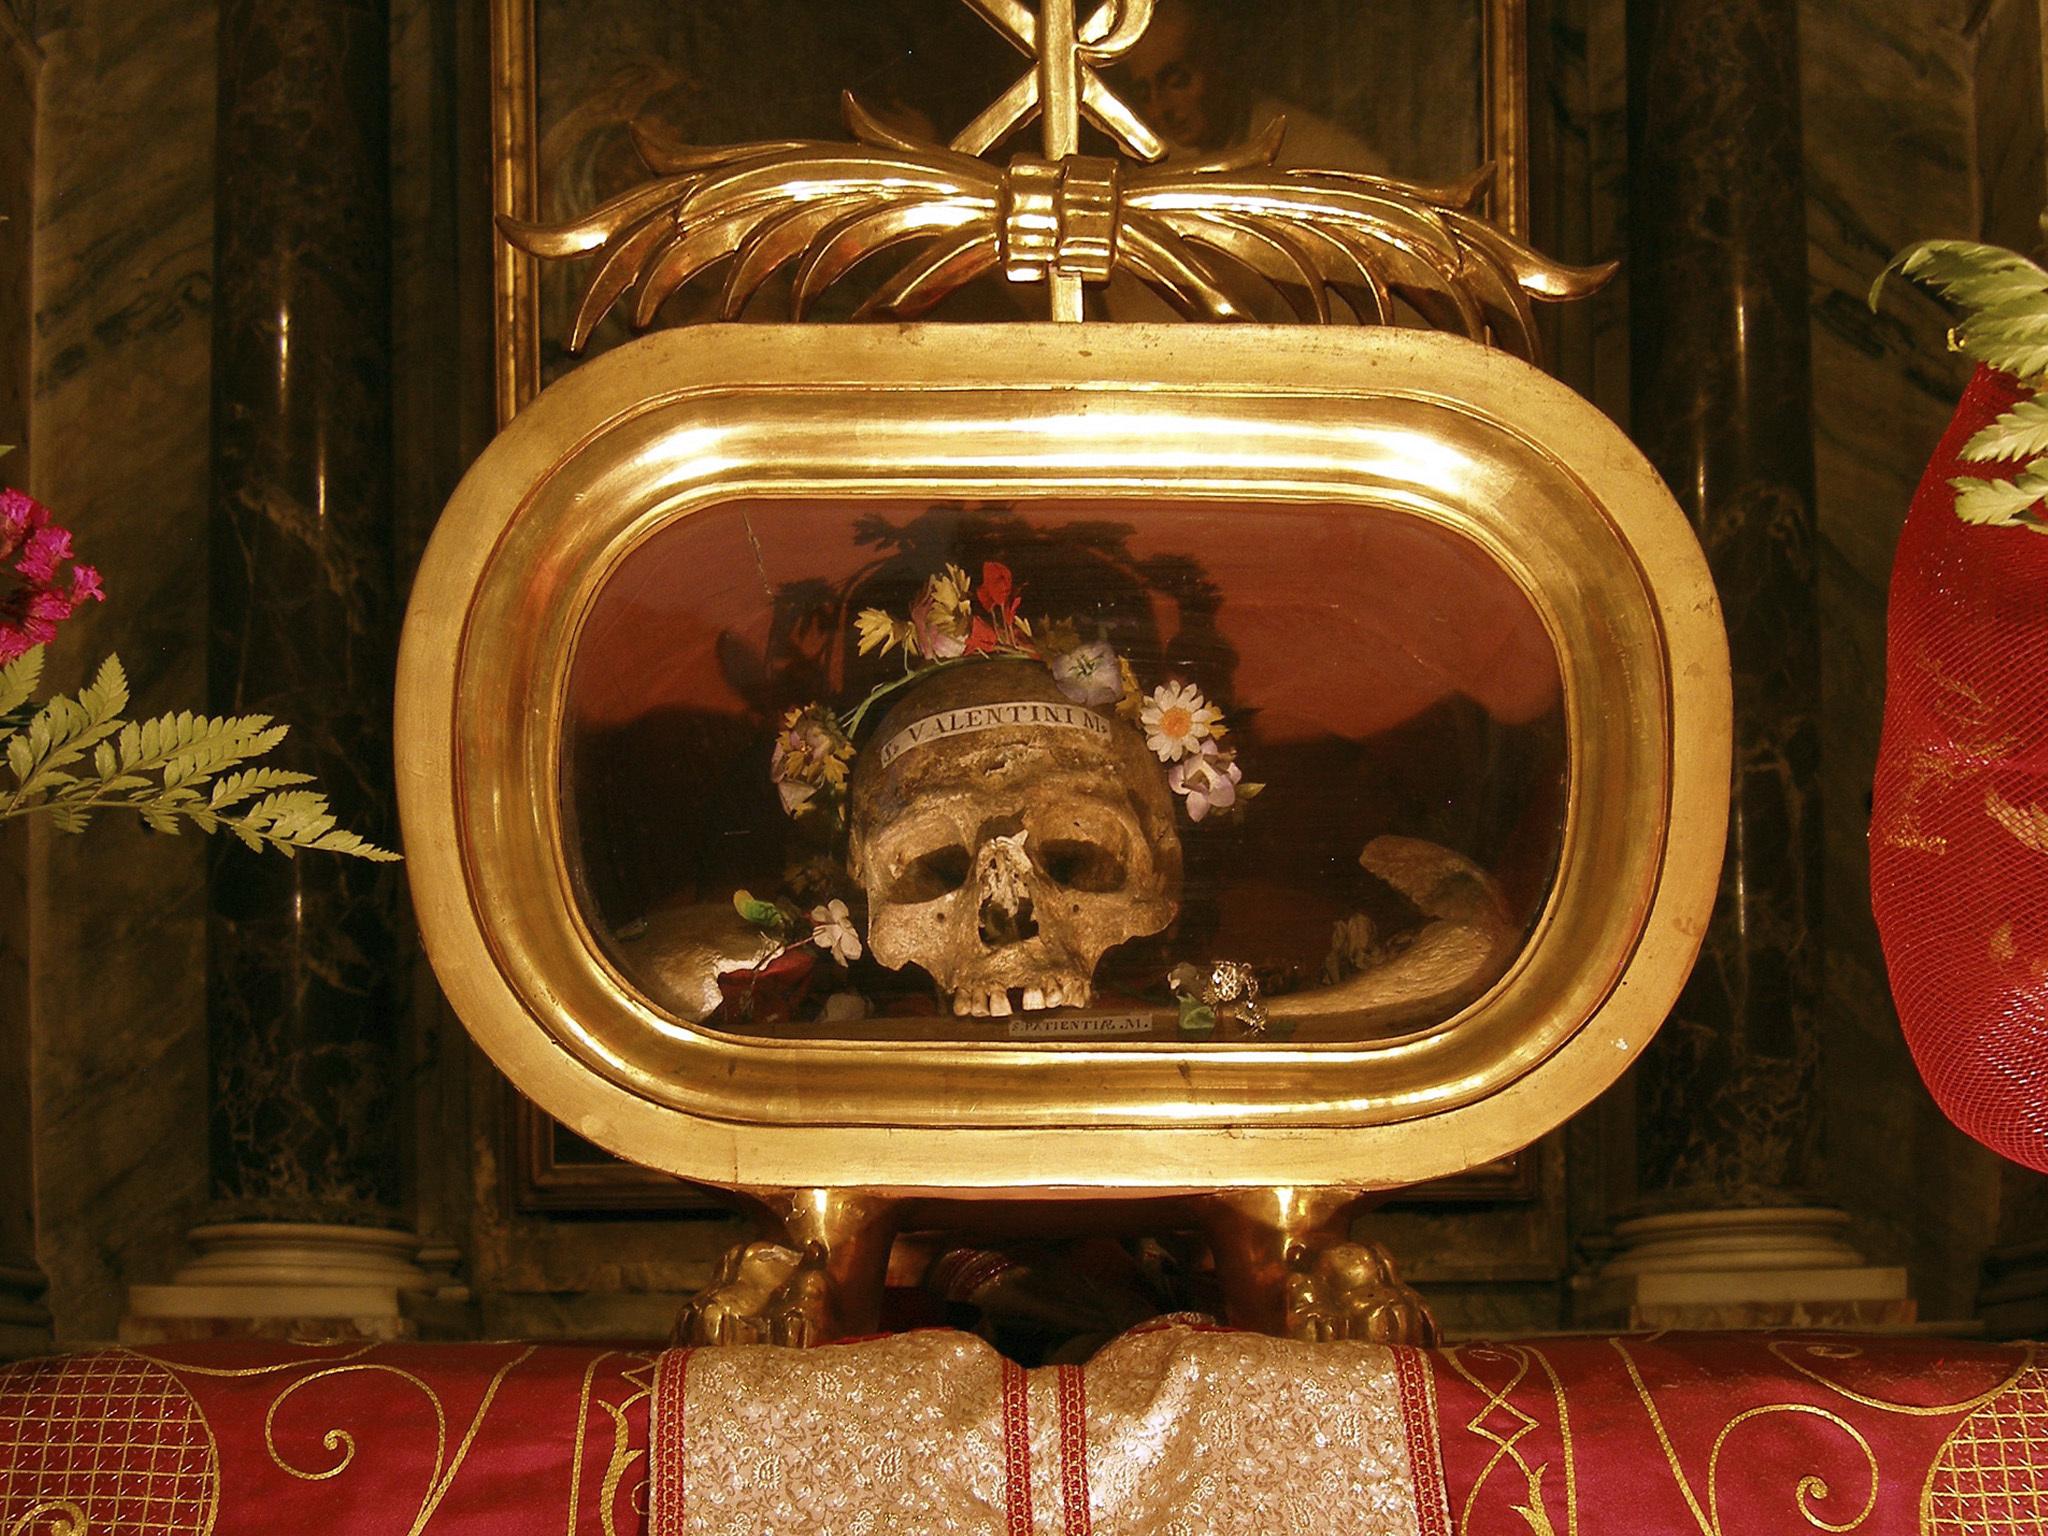 cranio de s valentim